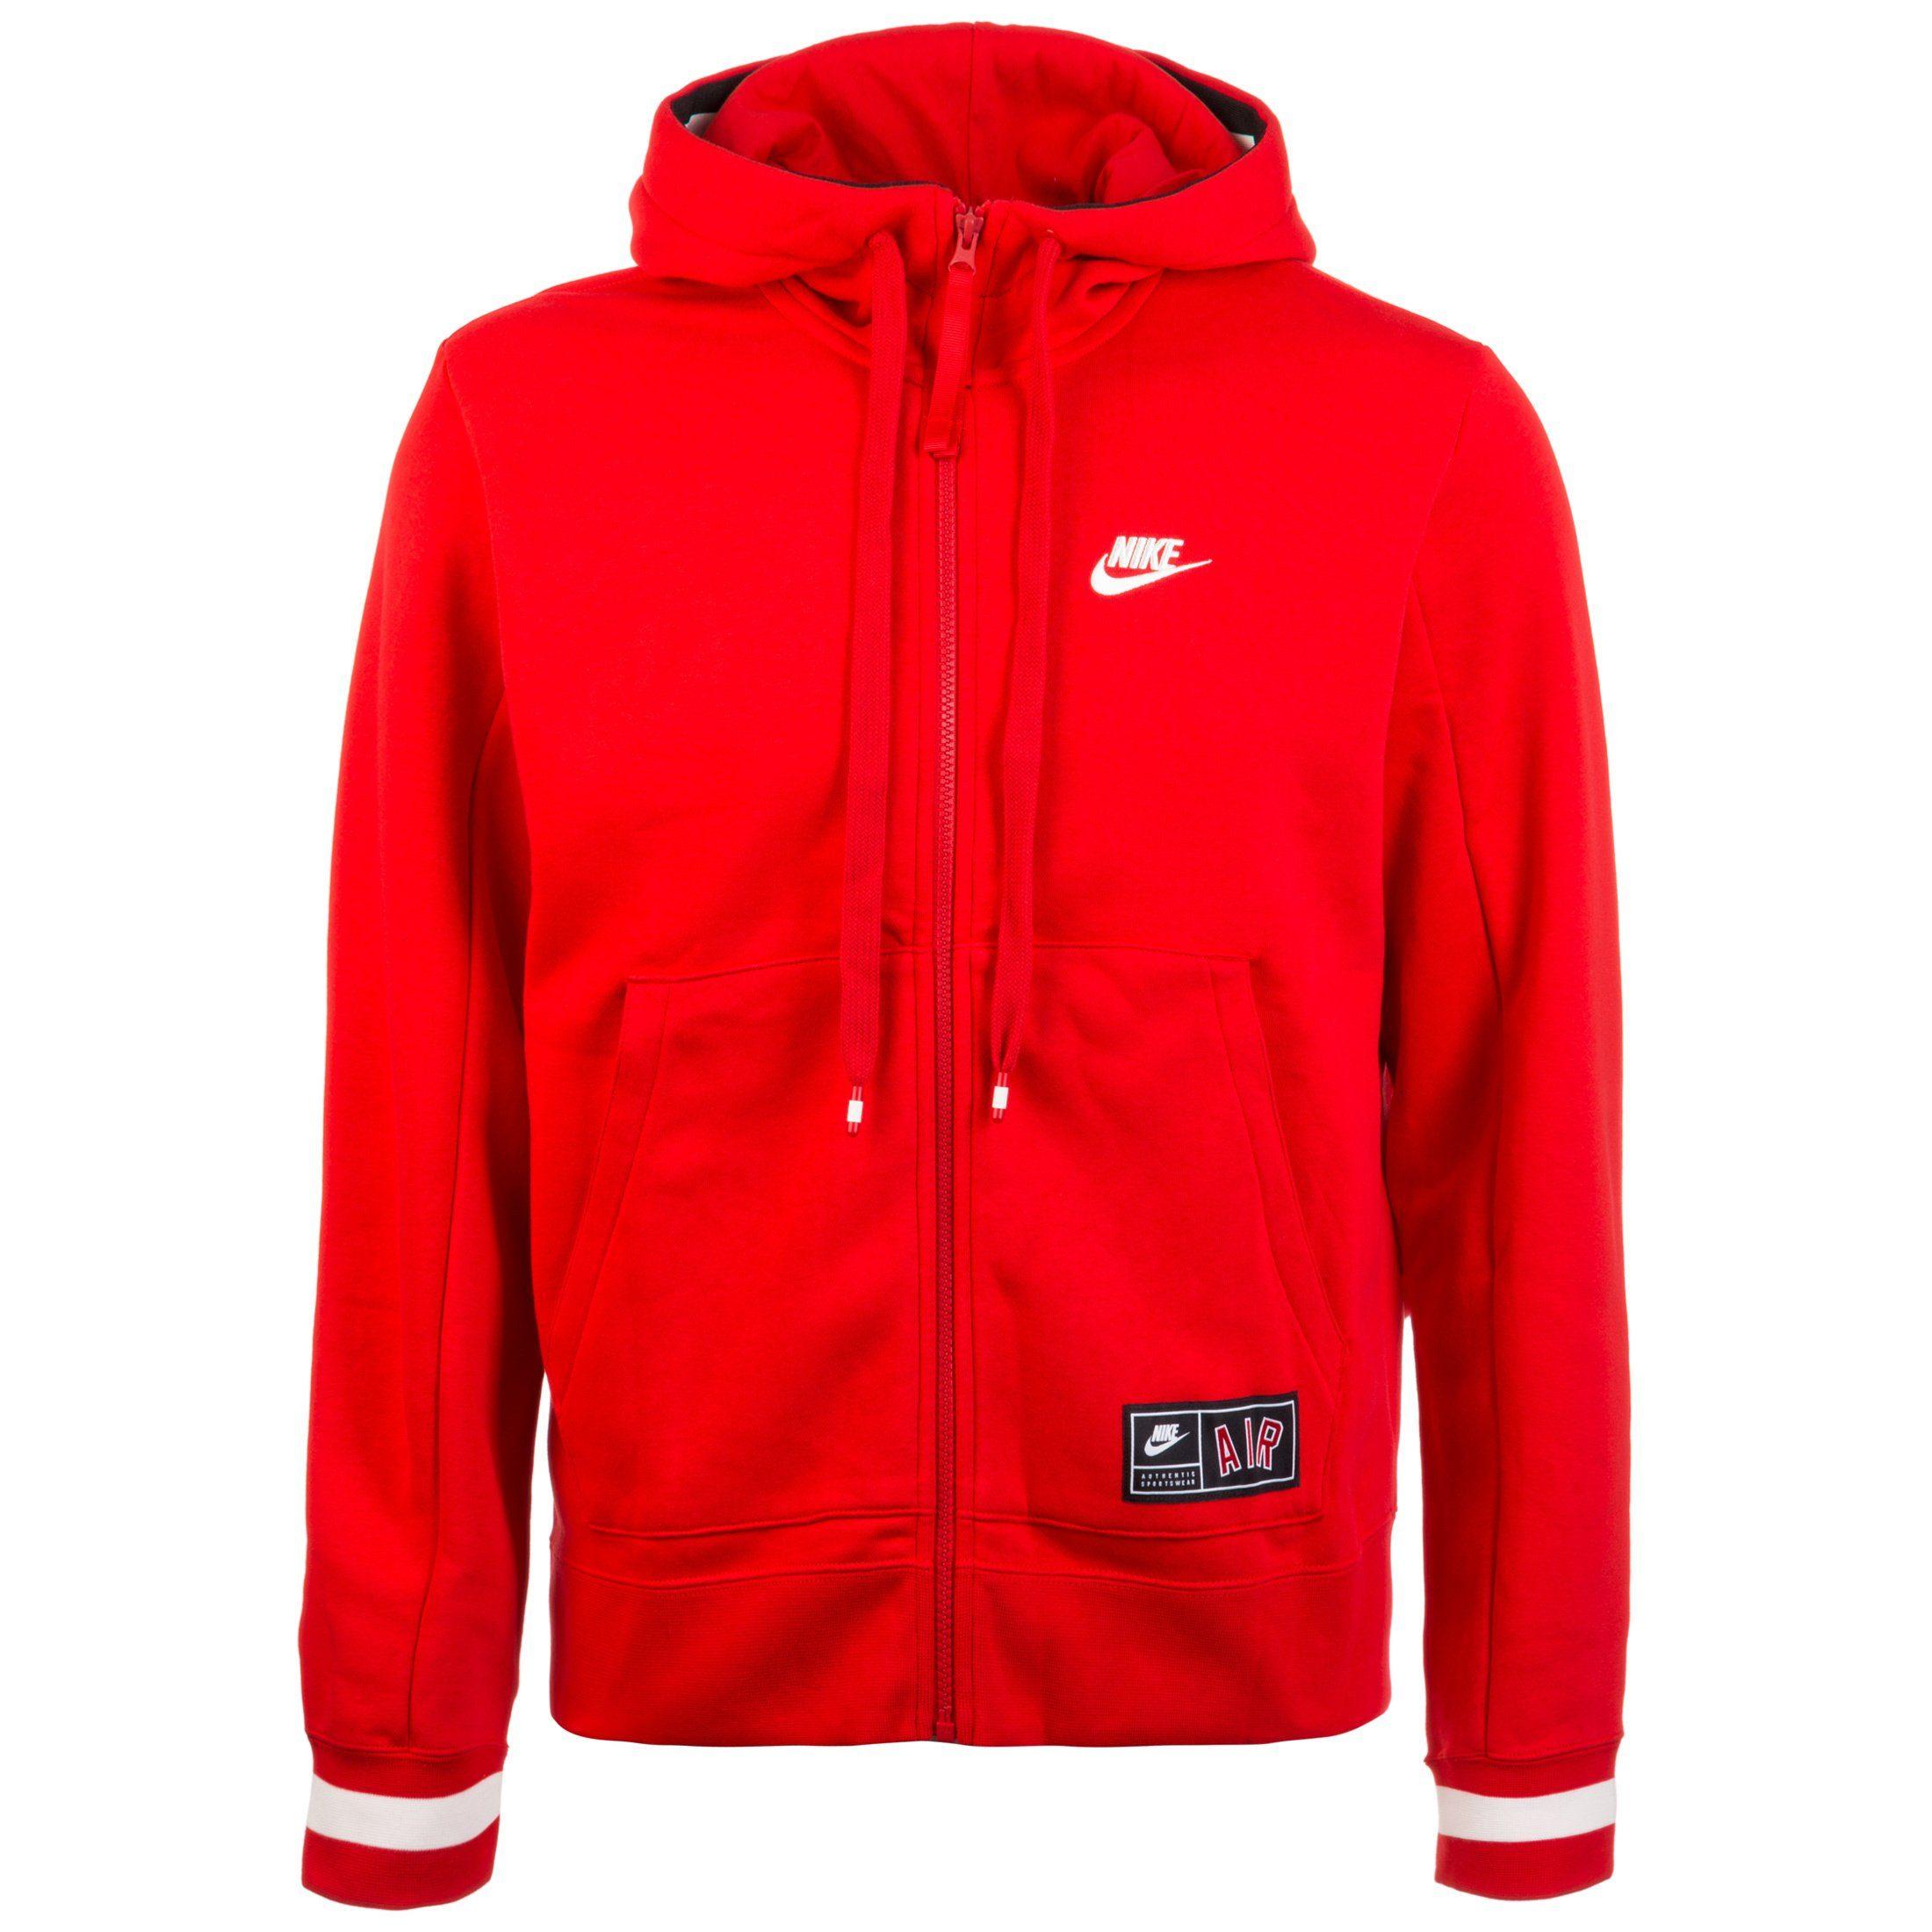 Nike Sportswear Kapuzensweatjacke Air Fleece | Sportbekleidung > Sportjacken > Sonstige Sportjacken | Rot | Fleece | Nike Sportswear